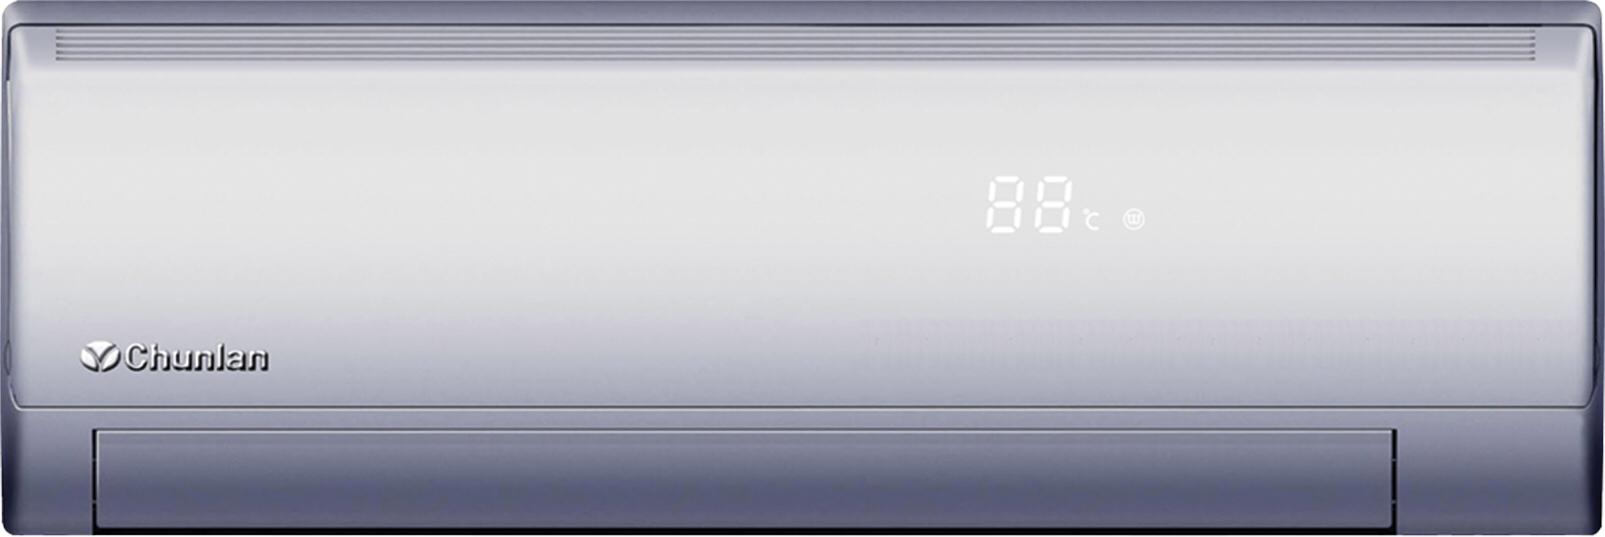 Chunlan Air Condition-1.5 ton